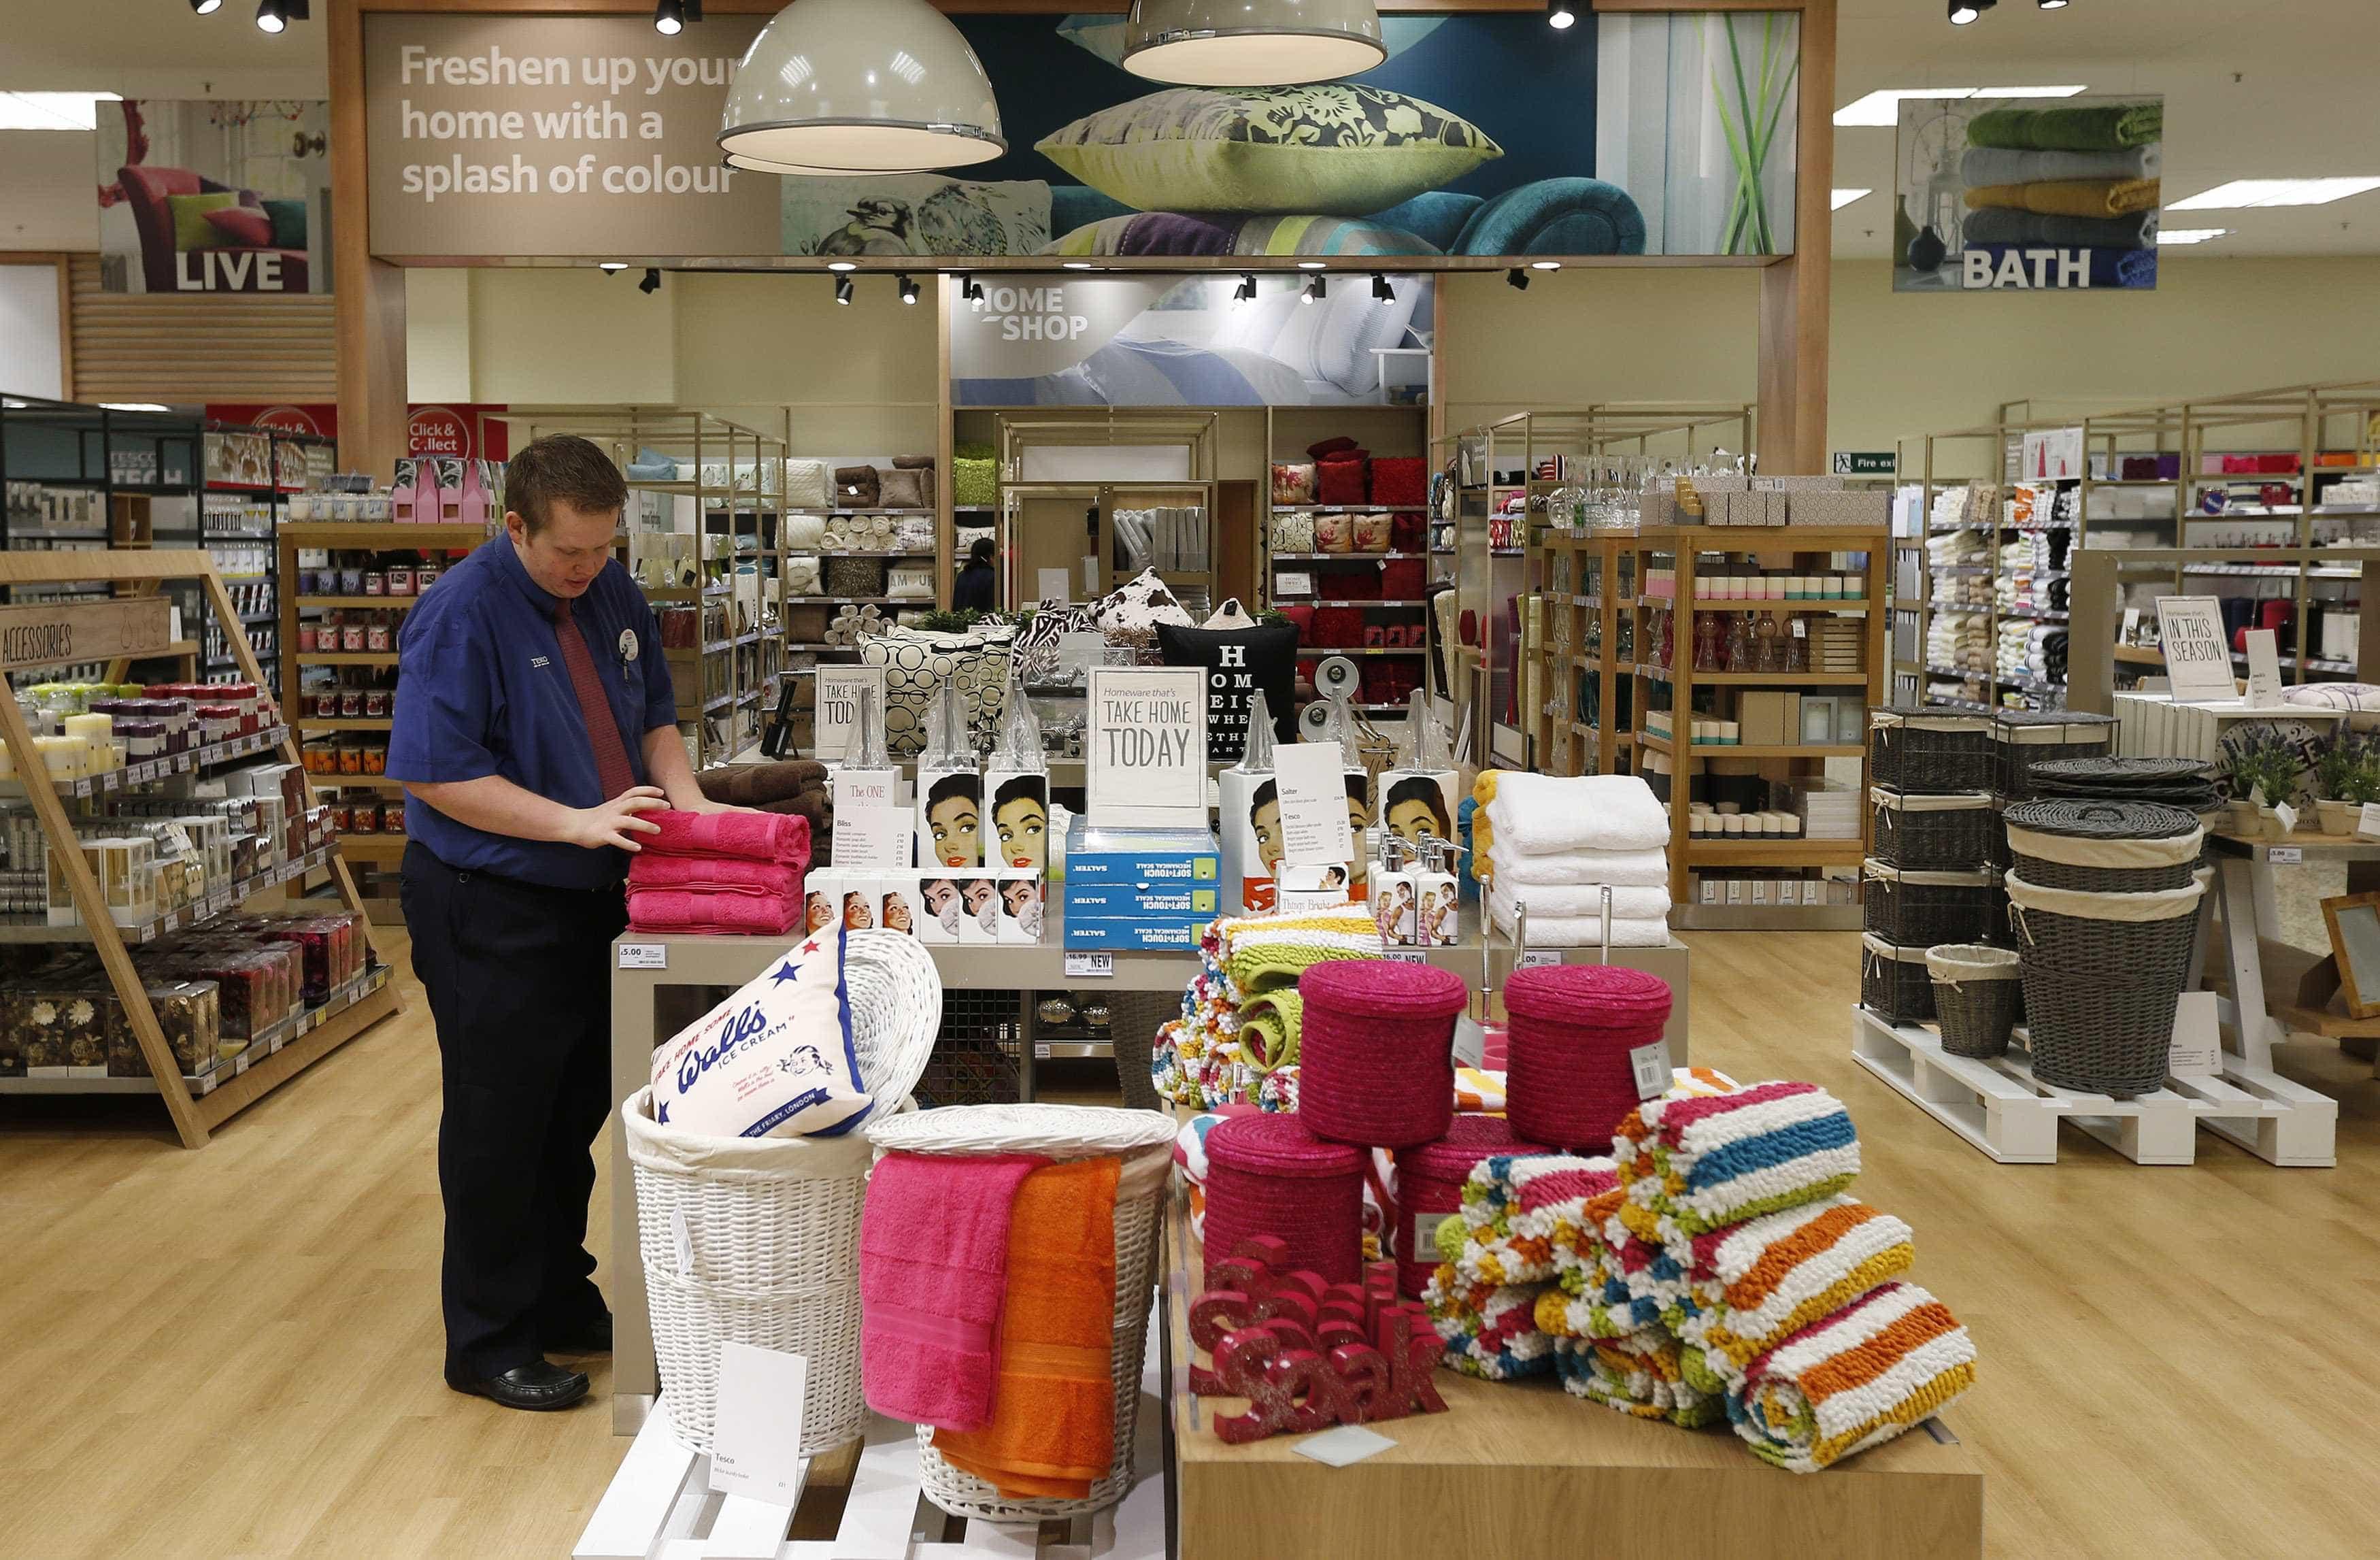 Vendas no comércio recuam 0,6% em maio, diz IBGE